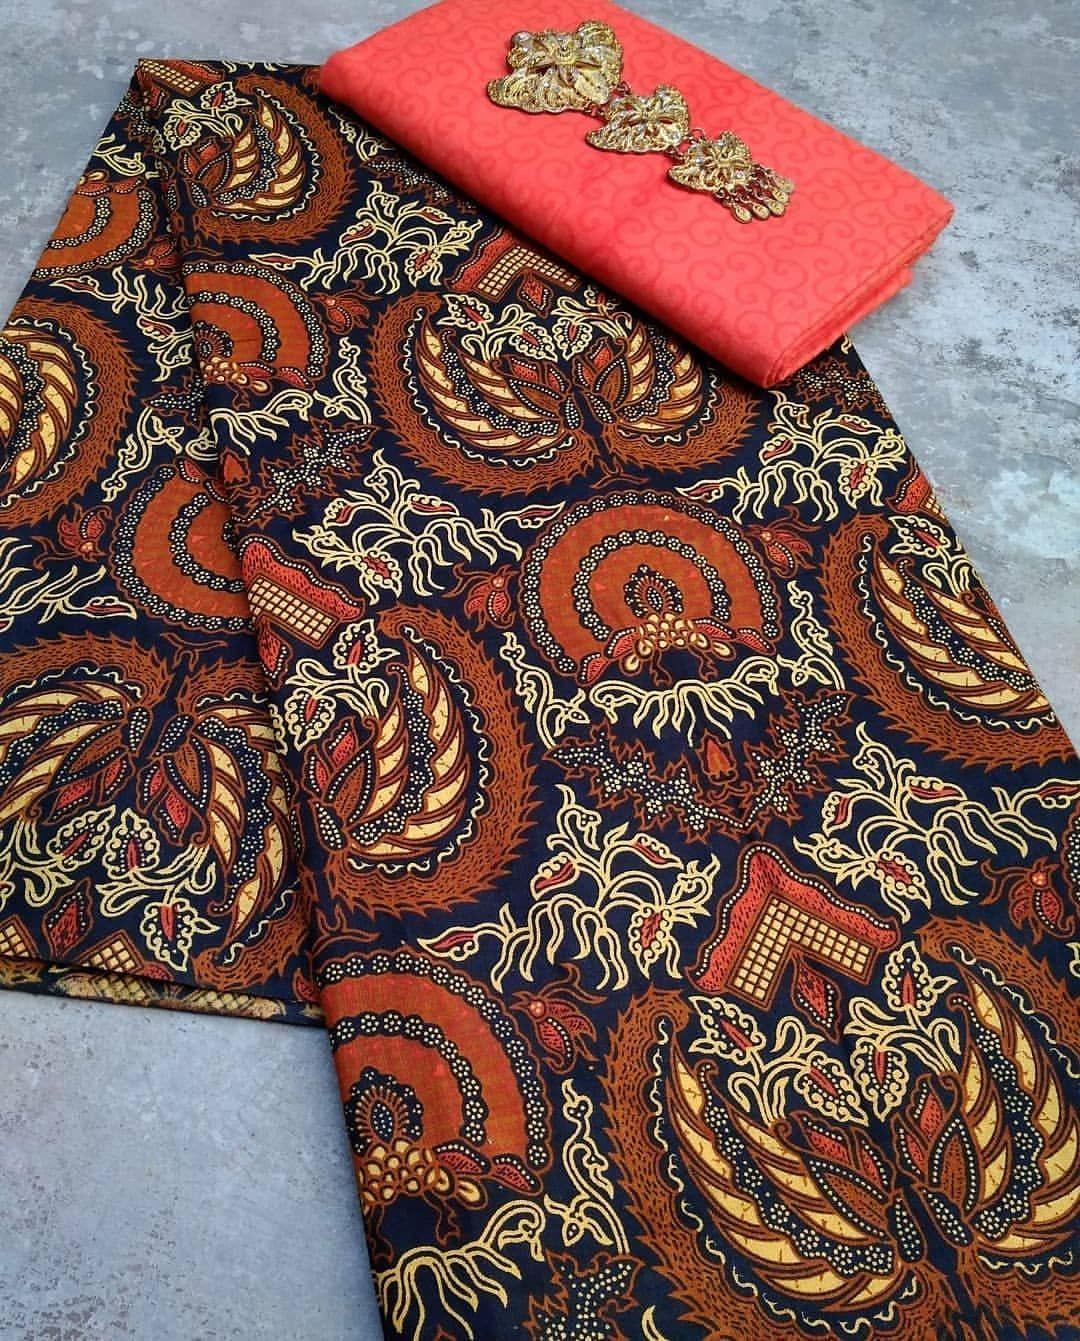 Open order Kain batik printing mix embos Uk kain 2.10 x 1.10 m Embos 1.9 x  1 m Open order Kain batik printing mix embos Uk kain 2.10 x 1.10 m Embos ... edf2470962